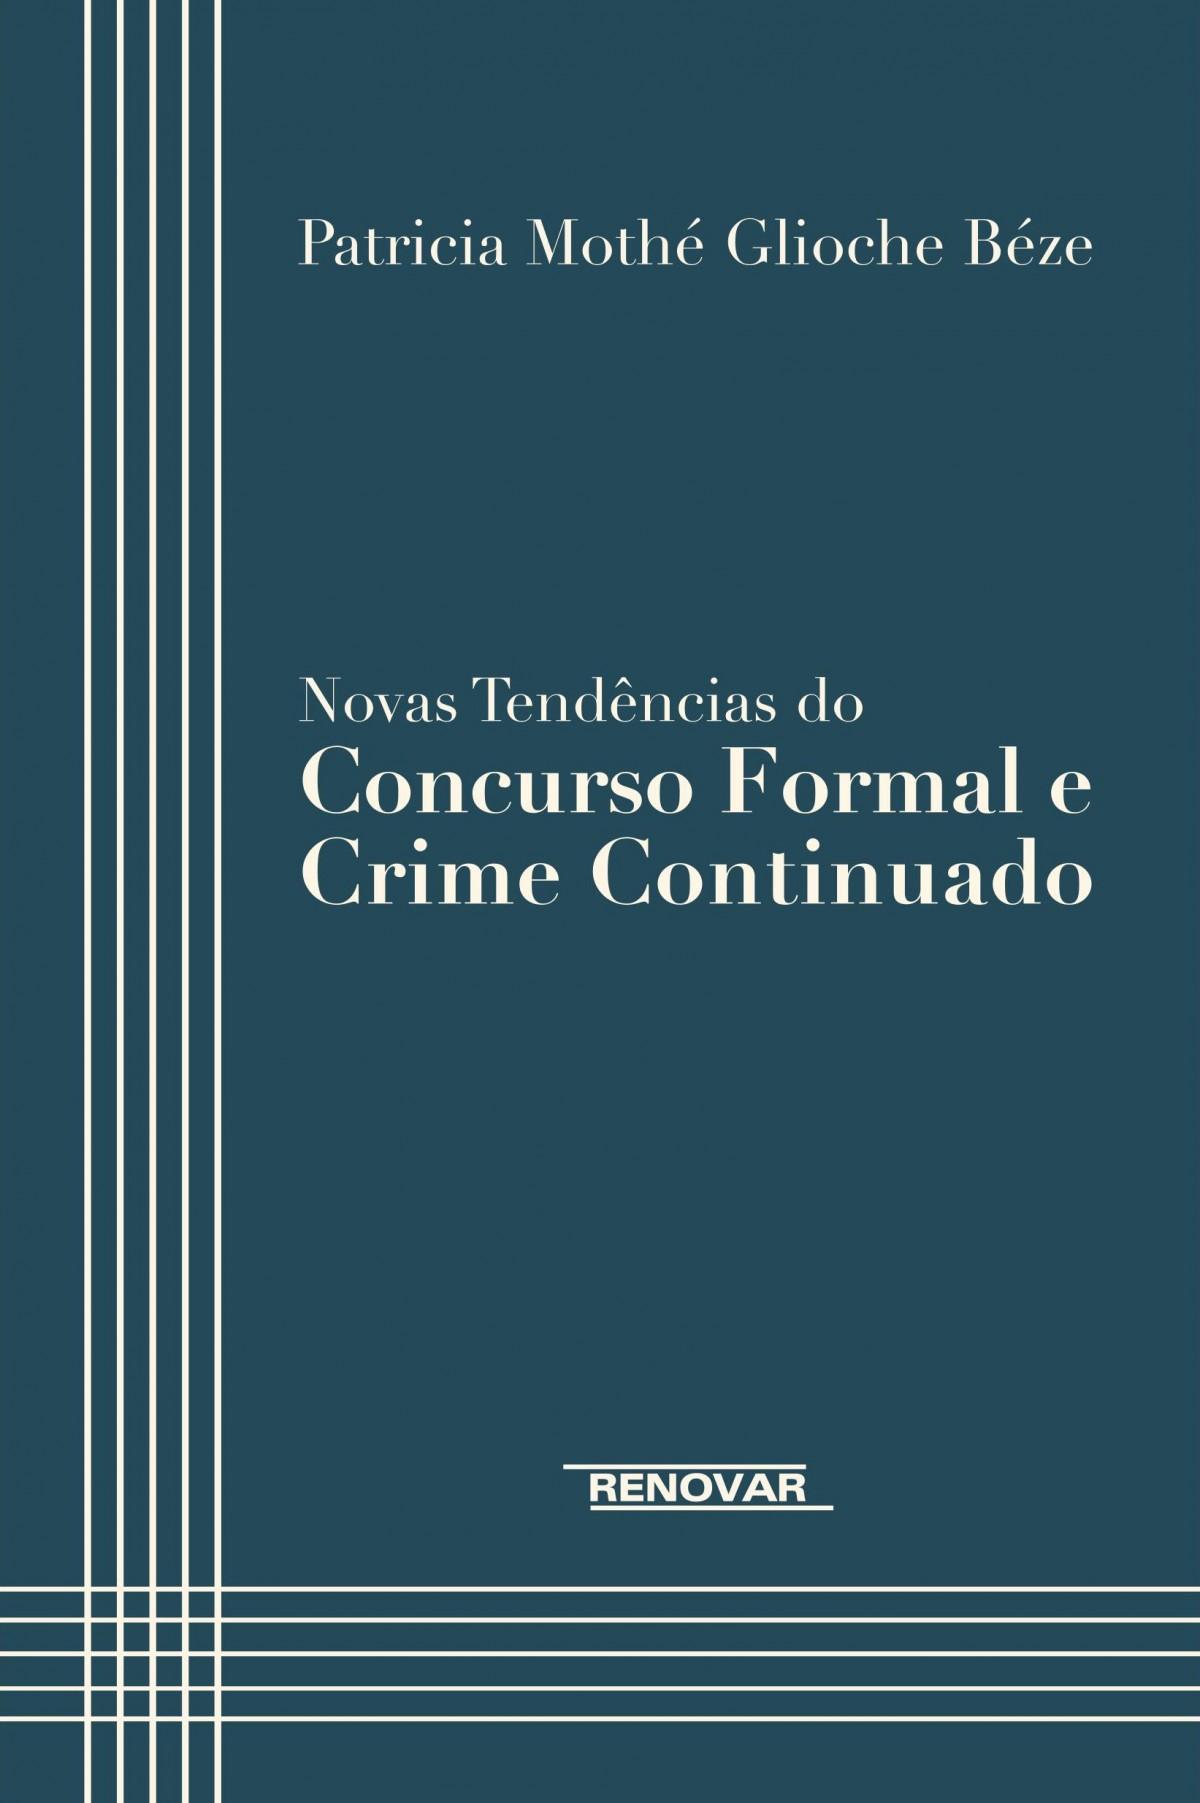 Foto 1 - Novas Tendências do Concurso Formal e Crime Continuado